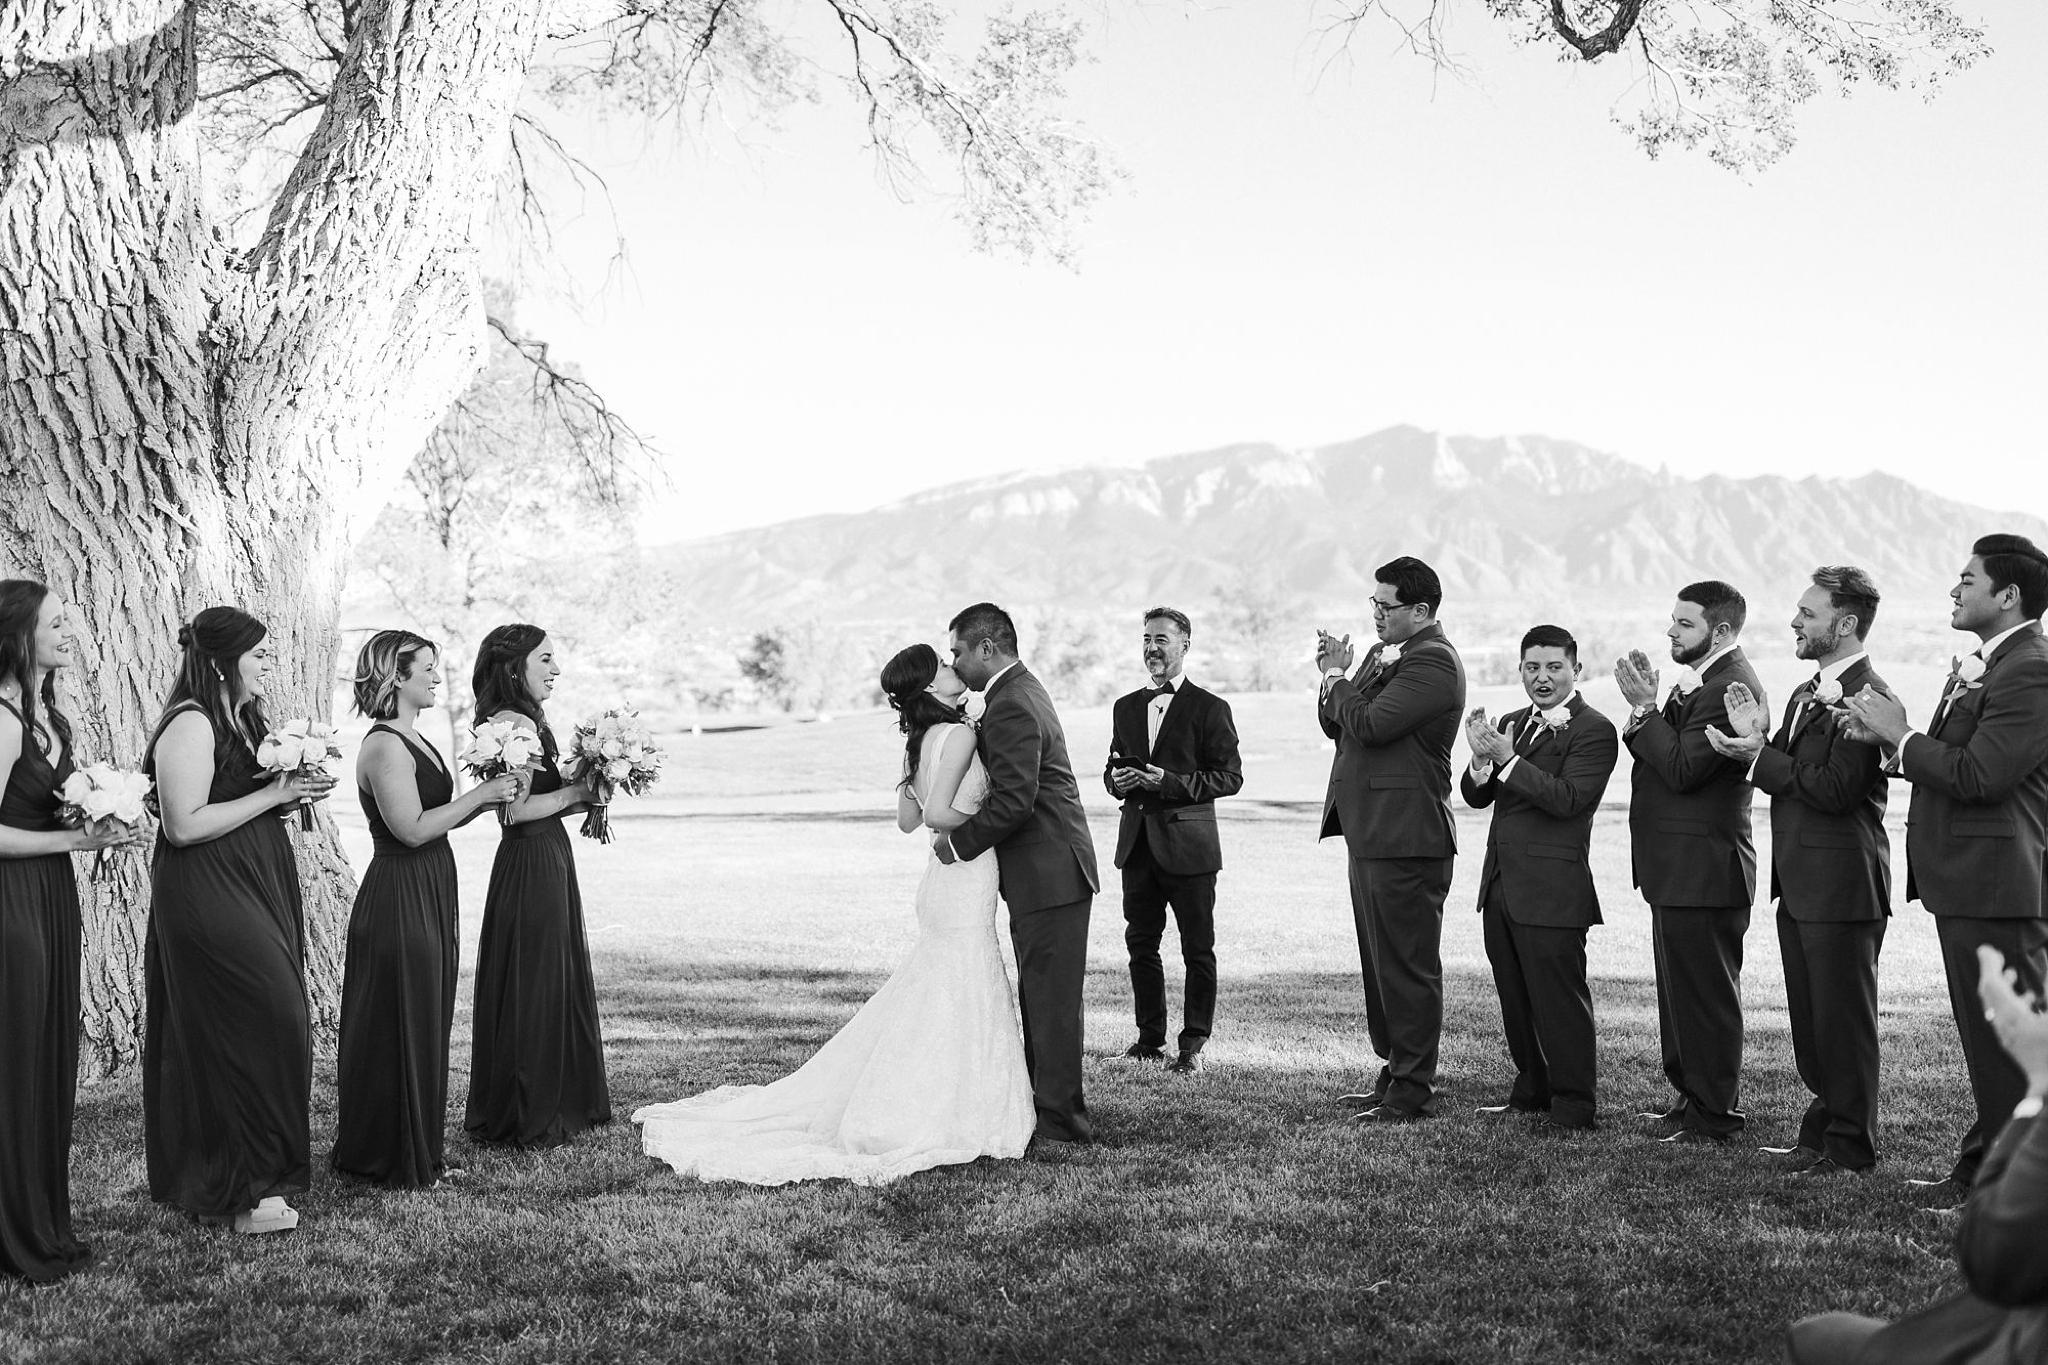 Alicia+lucia+photography+-+albuquerque+wedding+photographer+-+santa+fe+wedding+photography+-+new+mexico+wedding+photographer+-+new+mexico+wedding+-+wedding+vows+-+writing+your+own+vows+-+wedding+inspo_0012.jpg